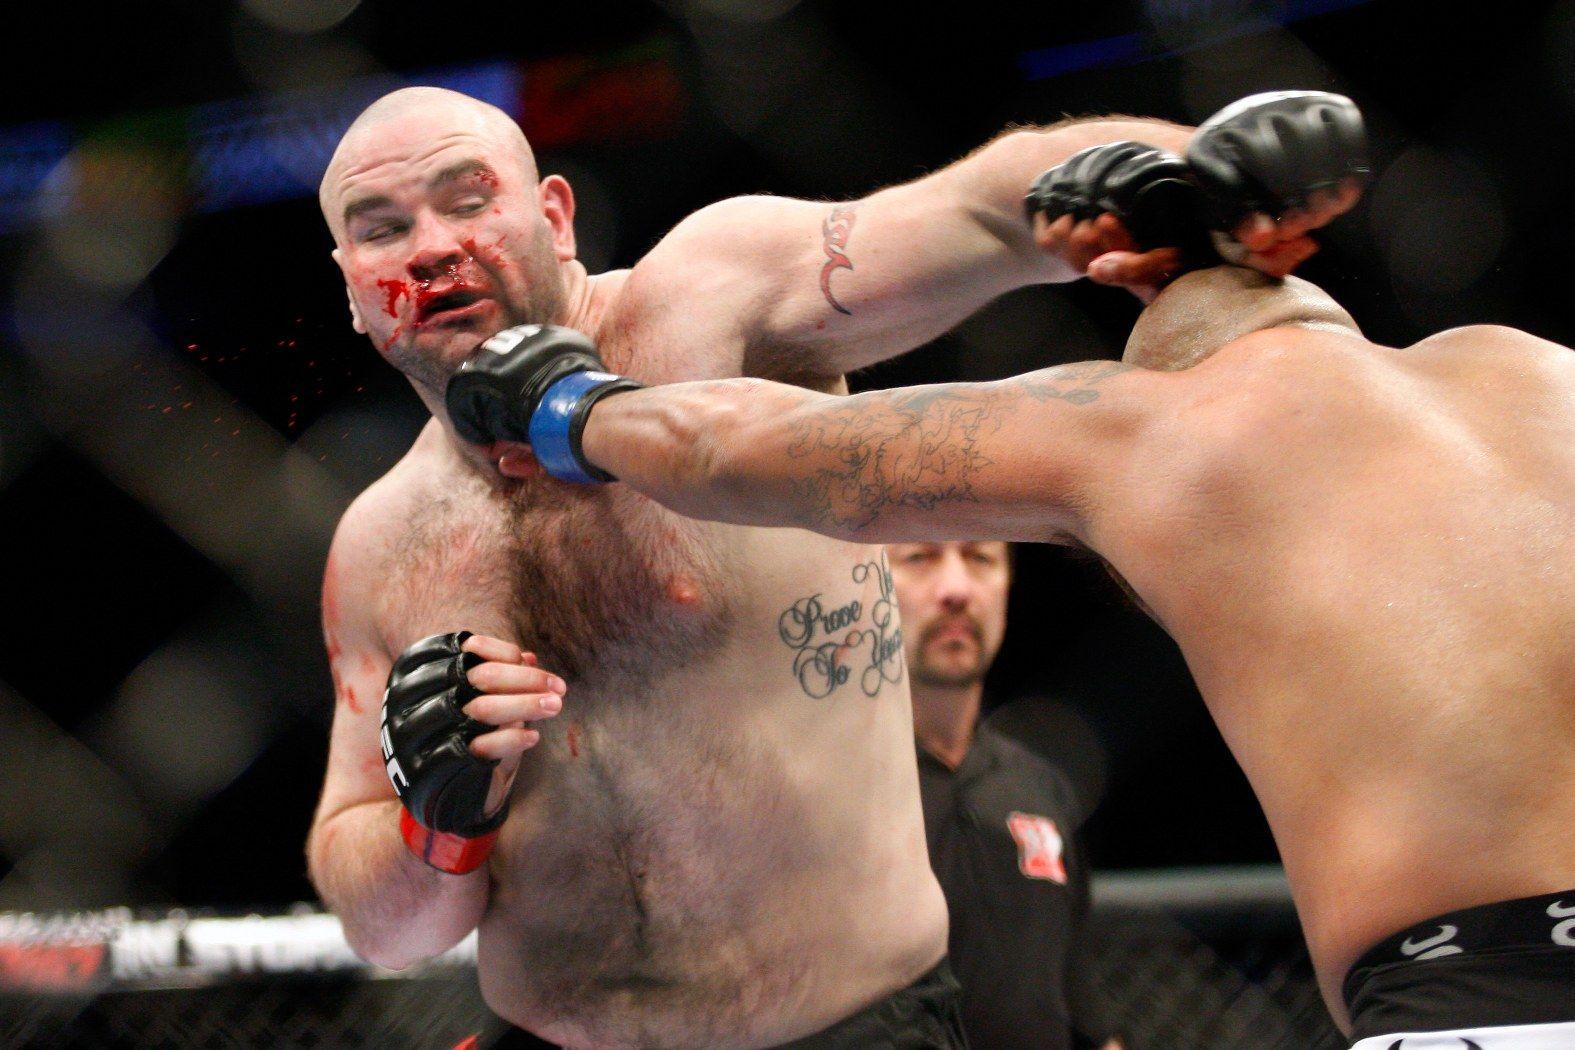 Тим Хаг получаваше вероятно по тежки удари като ММА боец, но боксът погуби живота му